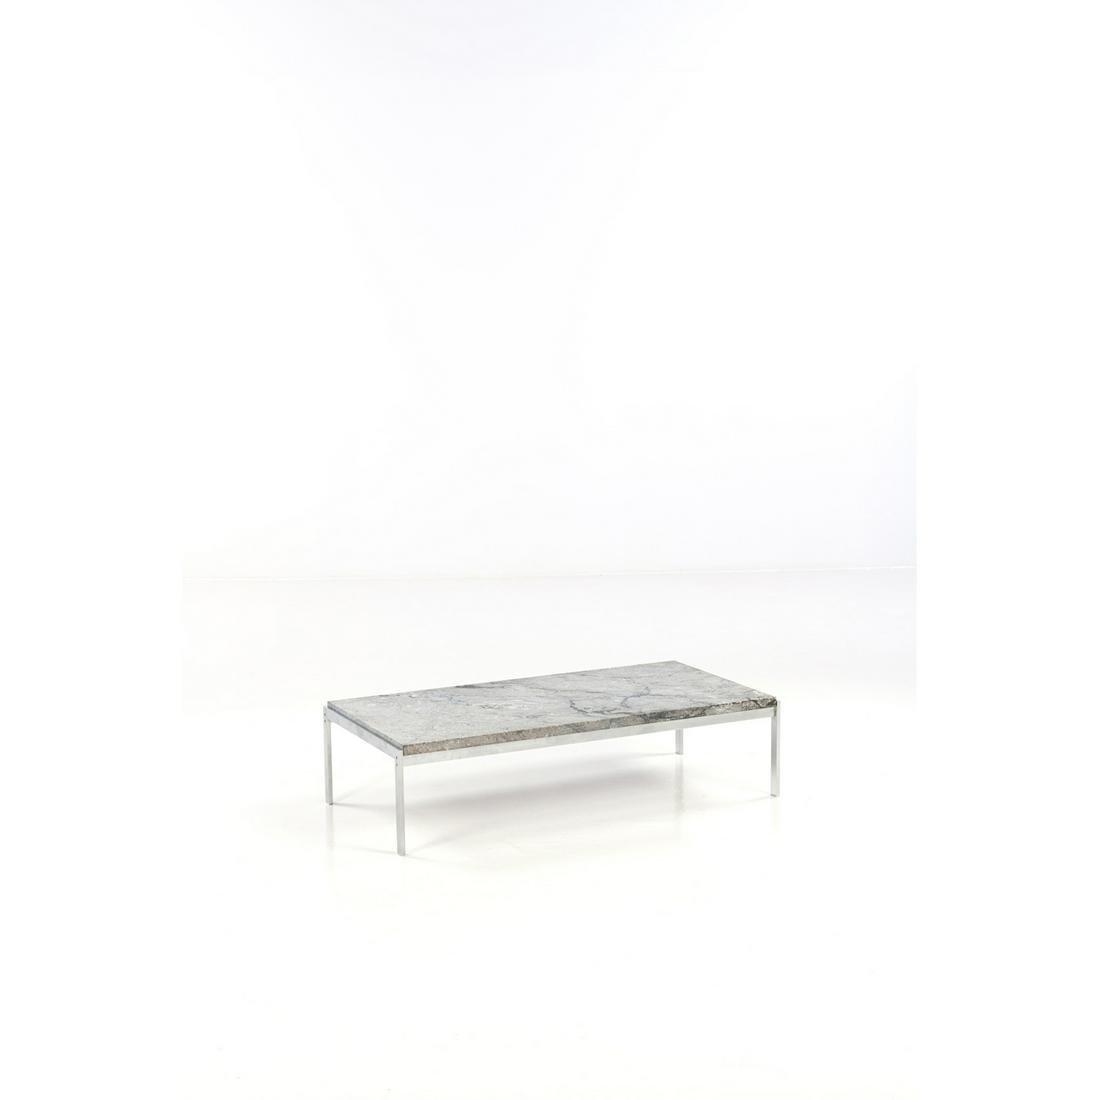 Poul Kjaerholm (1929-1980) Model no. PK 63 Coffee table